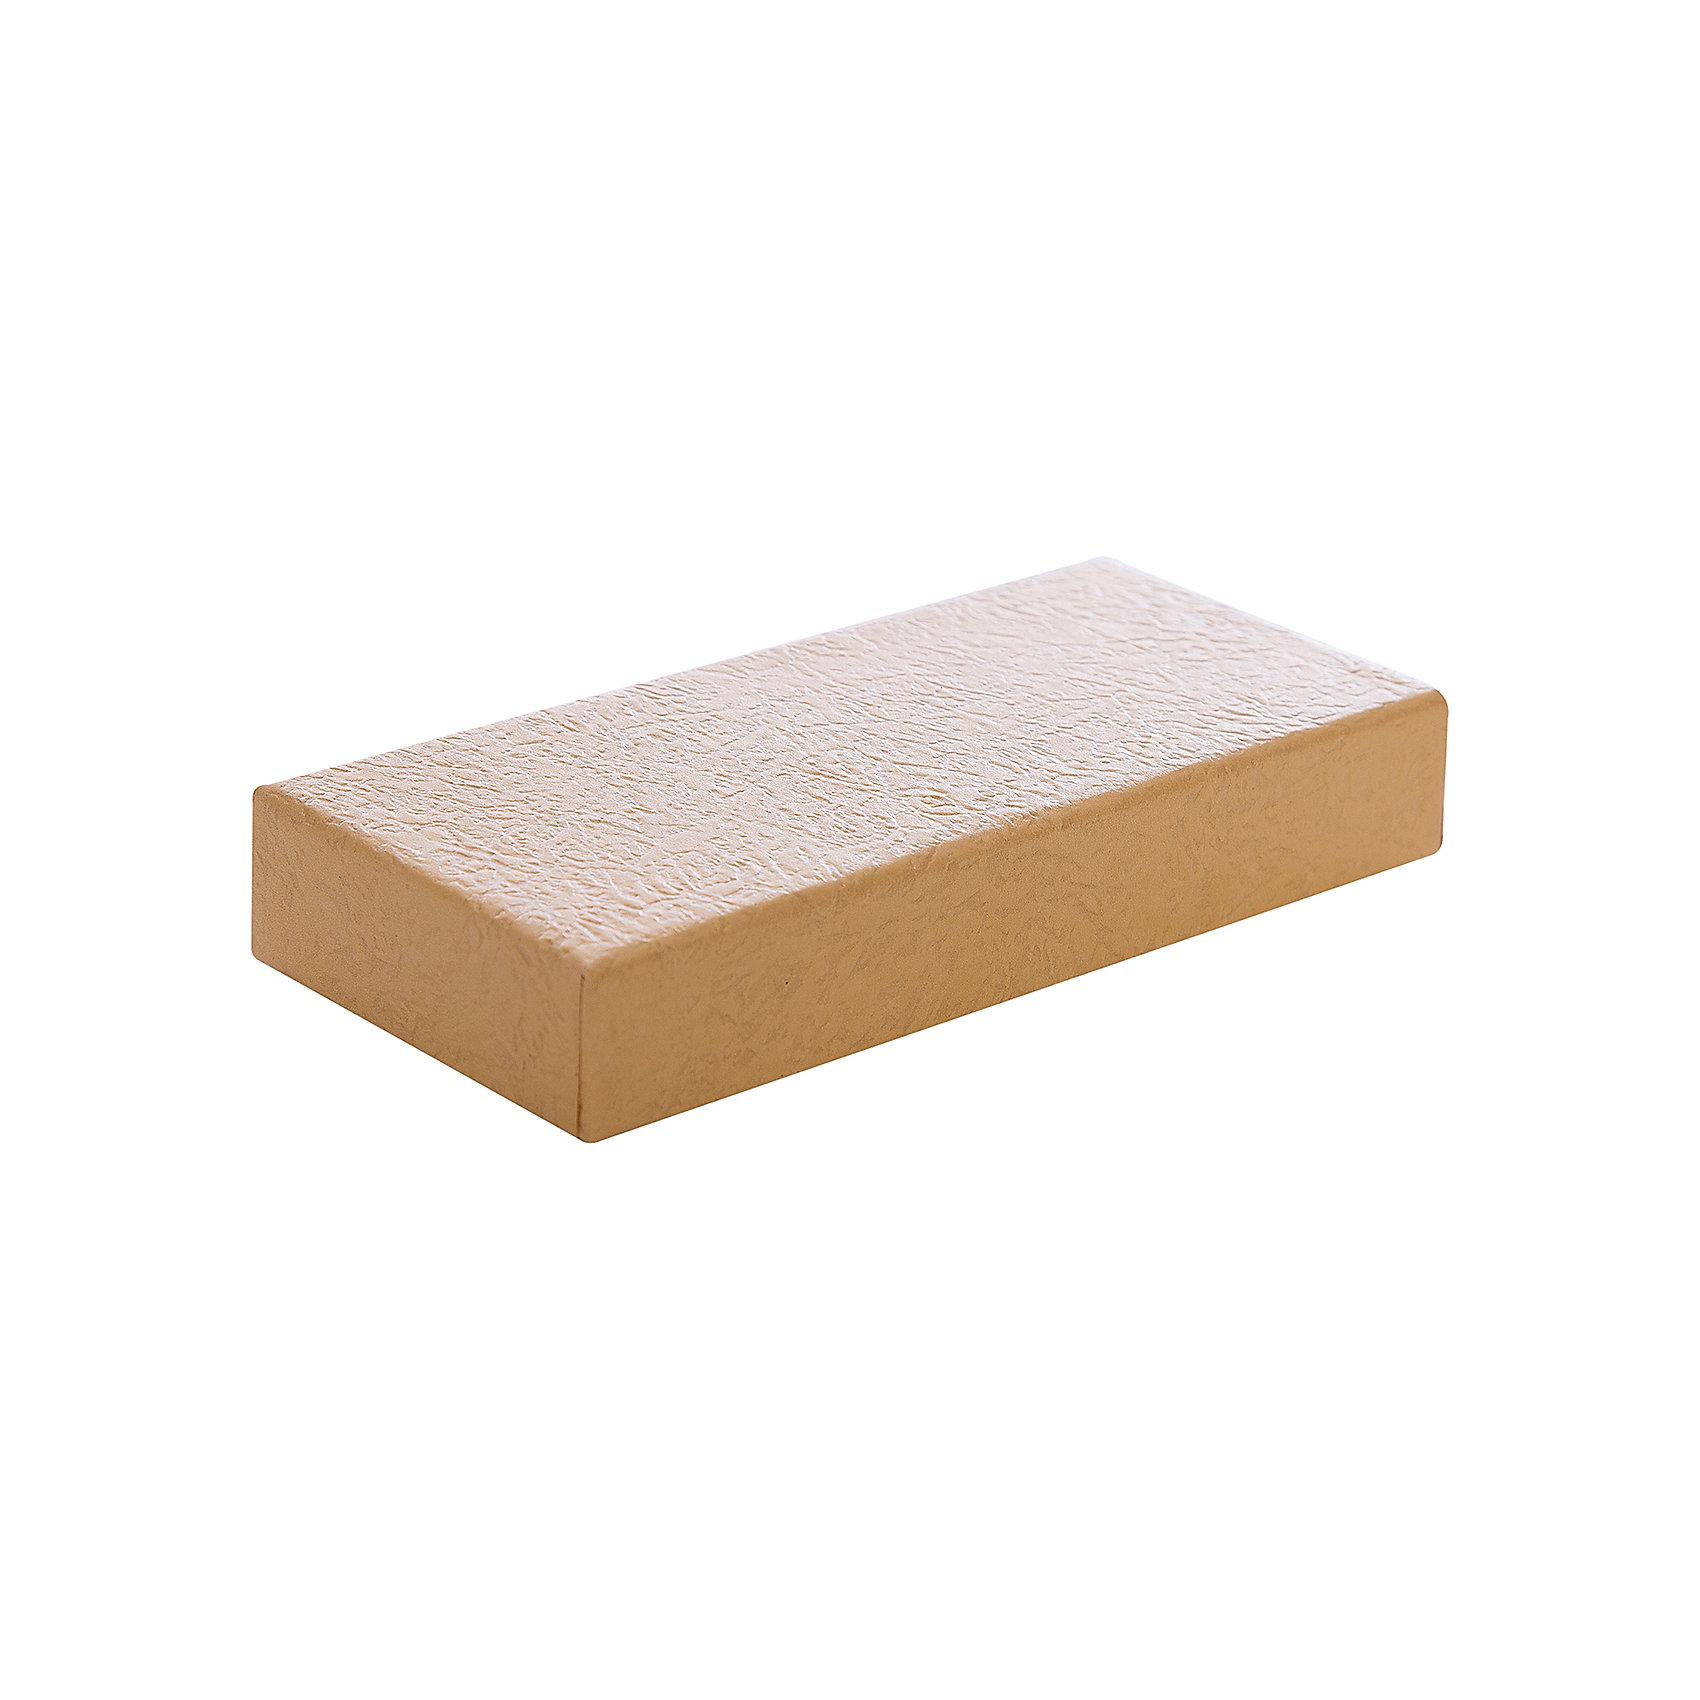 Подарочная коробка ПЕСОЧНЫЙ, Феникс-ПрезентПредметы интерьера<br>Подарочная коробка ПЕСОЧНЫЙ, Феникс-Презент<br><br>Характеристики:<br><br>• практичная коробка для подарков и хранения<br>• изготовлена из мелованного негофрированного картона<br>• размер: 12х5,2х2 см<br>• цвет: песочный<br><br>Упаковка подарков - важное и ответственное занятие, ведь если упаковка красивая - праздничное настроение гарантировано! Коробка ПЕСОЧНЫЙ изготовлена из прочного мелованного картона. Лаконичный дизайн коробки отлично подойдет не только для подарка, но и для хранения различных безделушек.<br><br>Подарочную коробку ПЕСОЧНЫЙ, Феникс-Презент вы можете купить в нашем интернет-магазине.<br><br>Ширина мм: 120<br>Глубина мм: 55<br>Высота мм: 20<br>Вес г: 240<br>Возраст от месяцев: 36<br>Возраст до месяцев: 2147483647<br>Пол: Унисекс<br>Возраст: Детский<br>SKU: 5449650